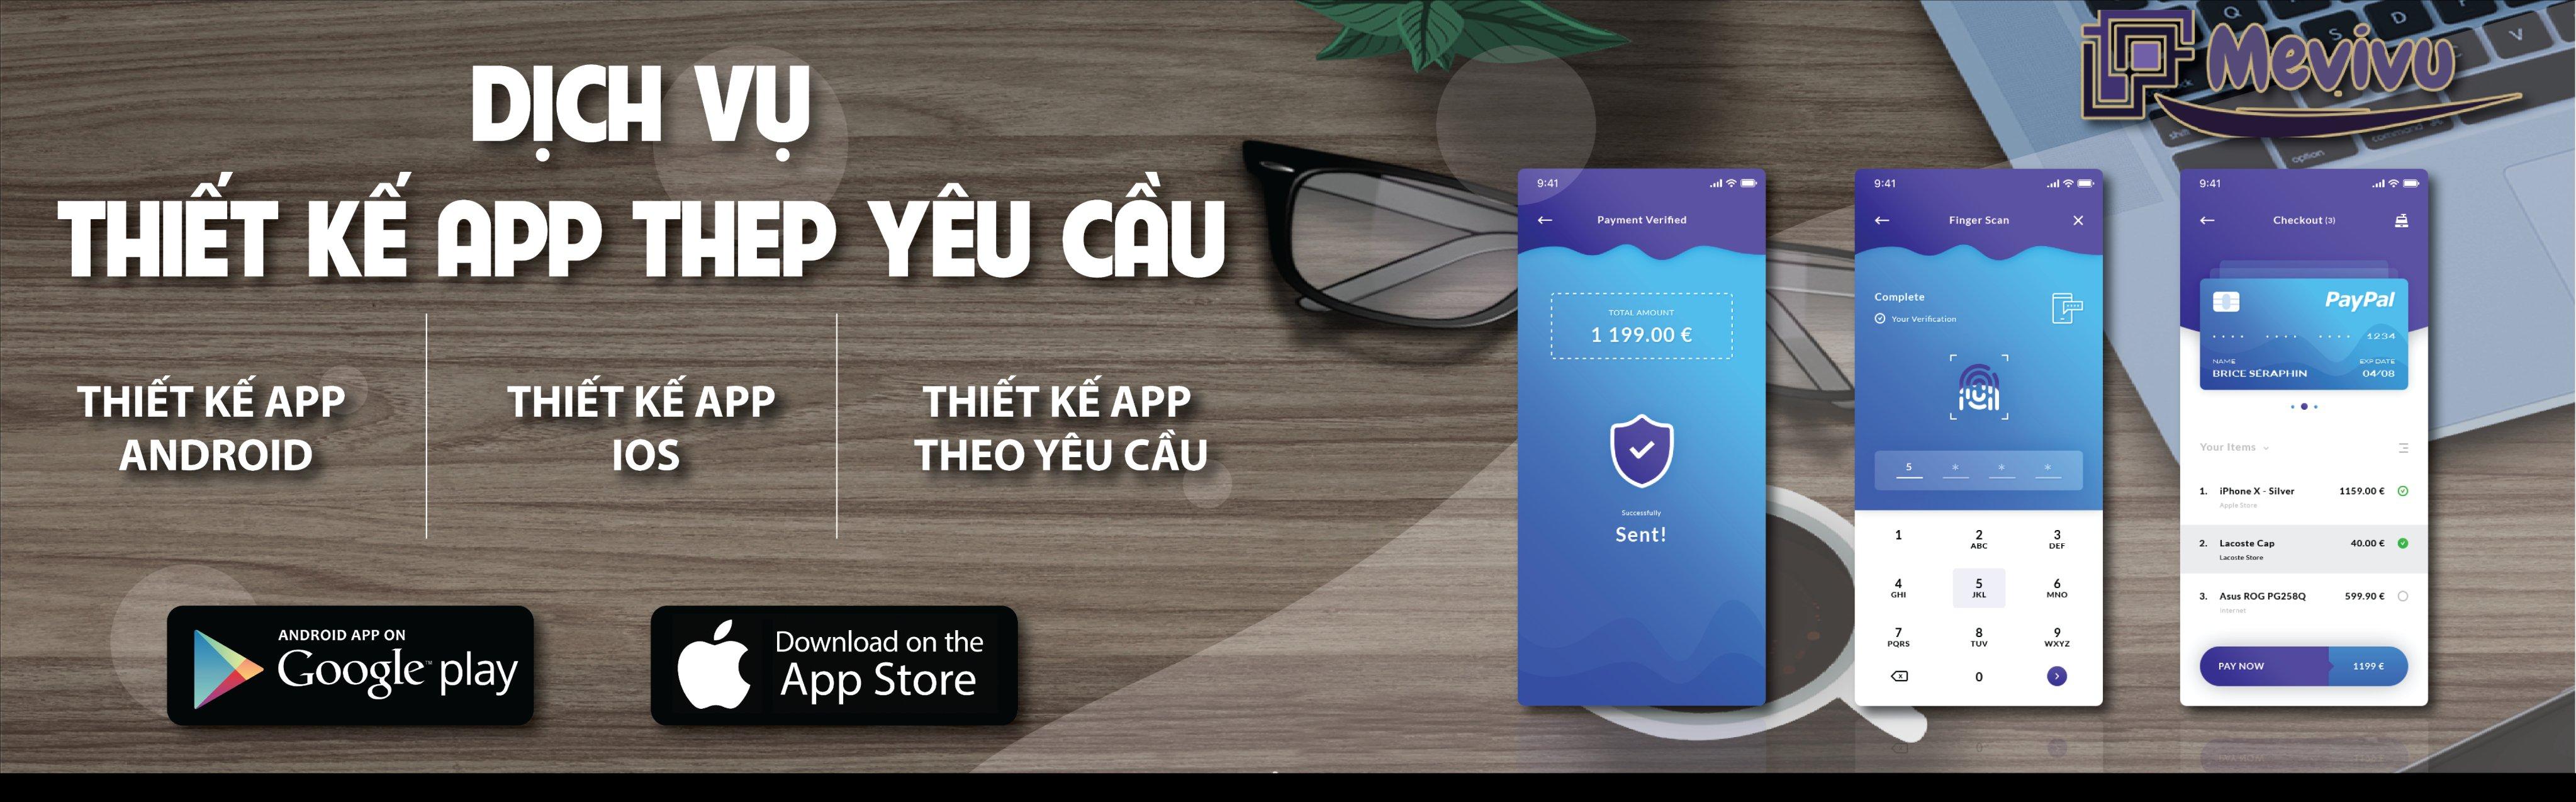 app thương mại điện tử